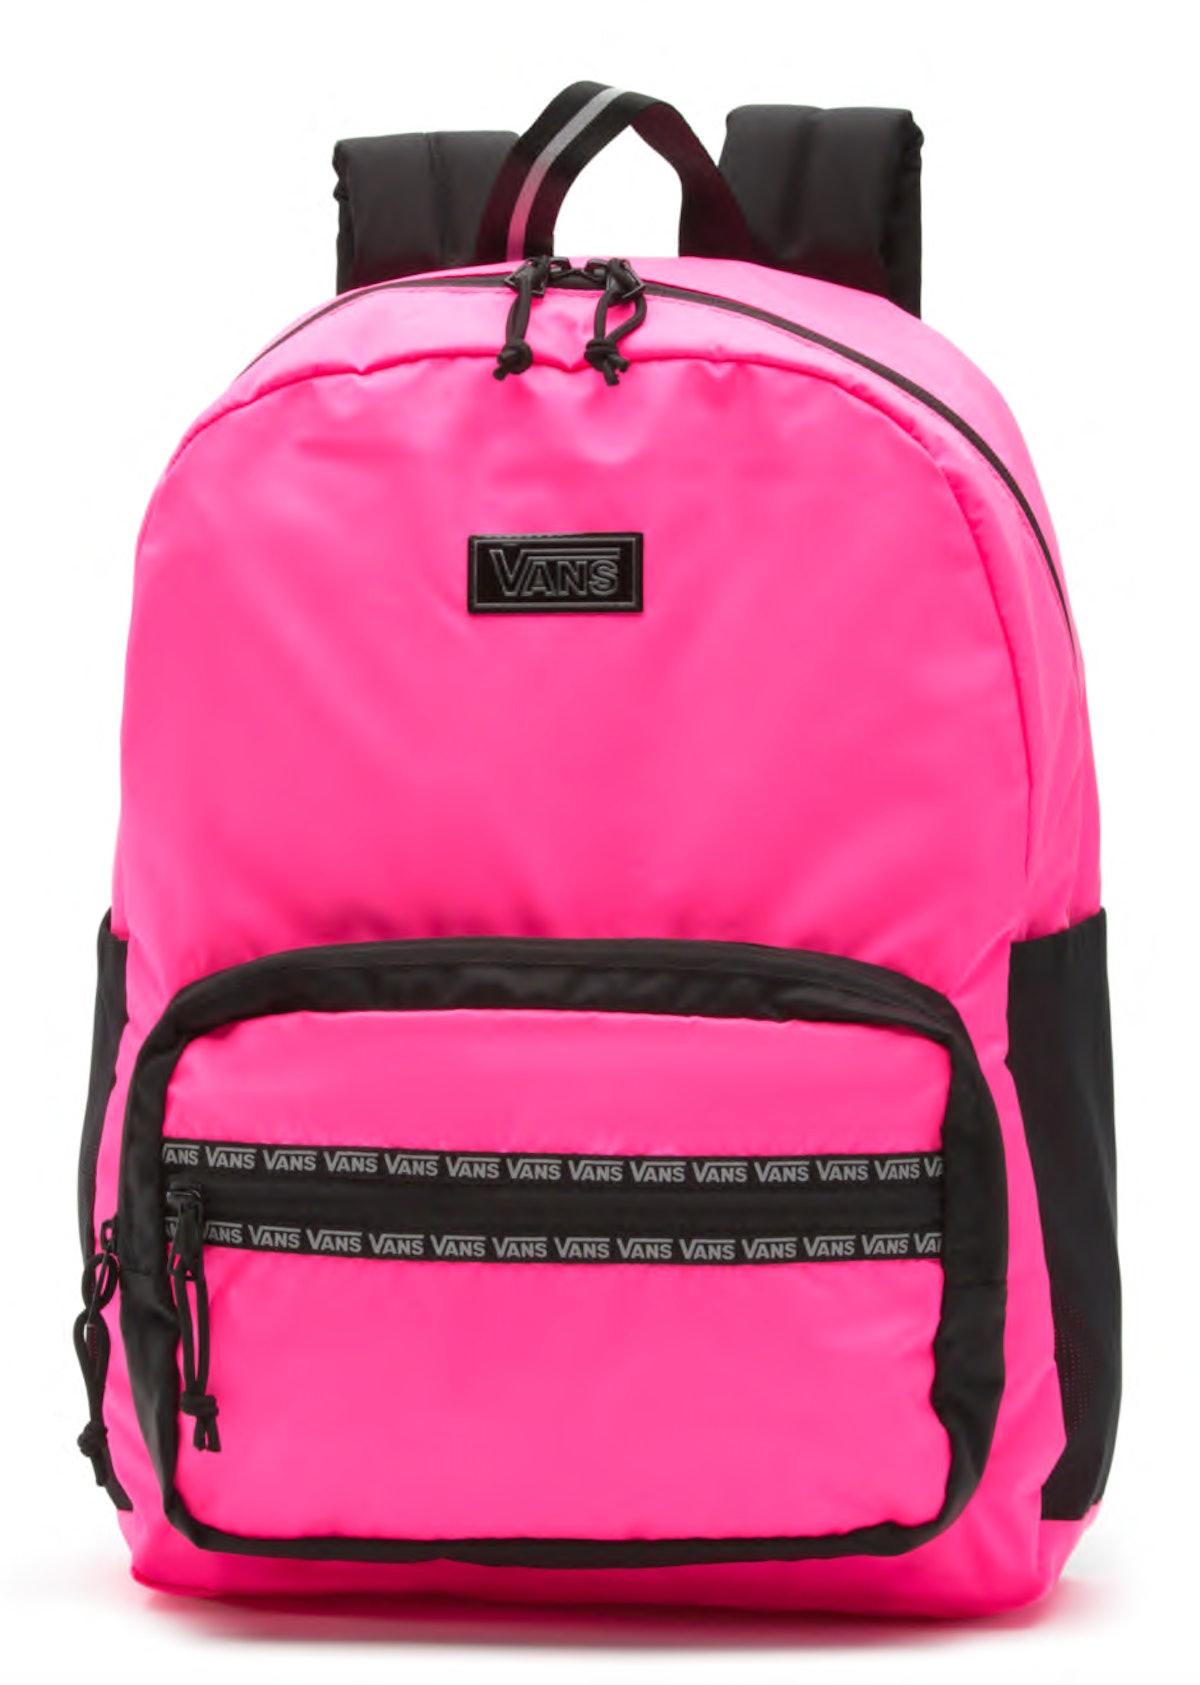 After Dark Reflective Backpack